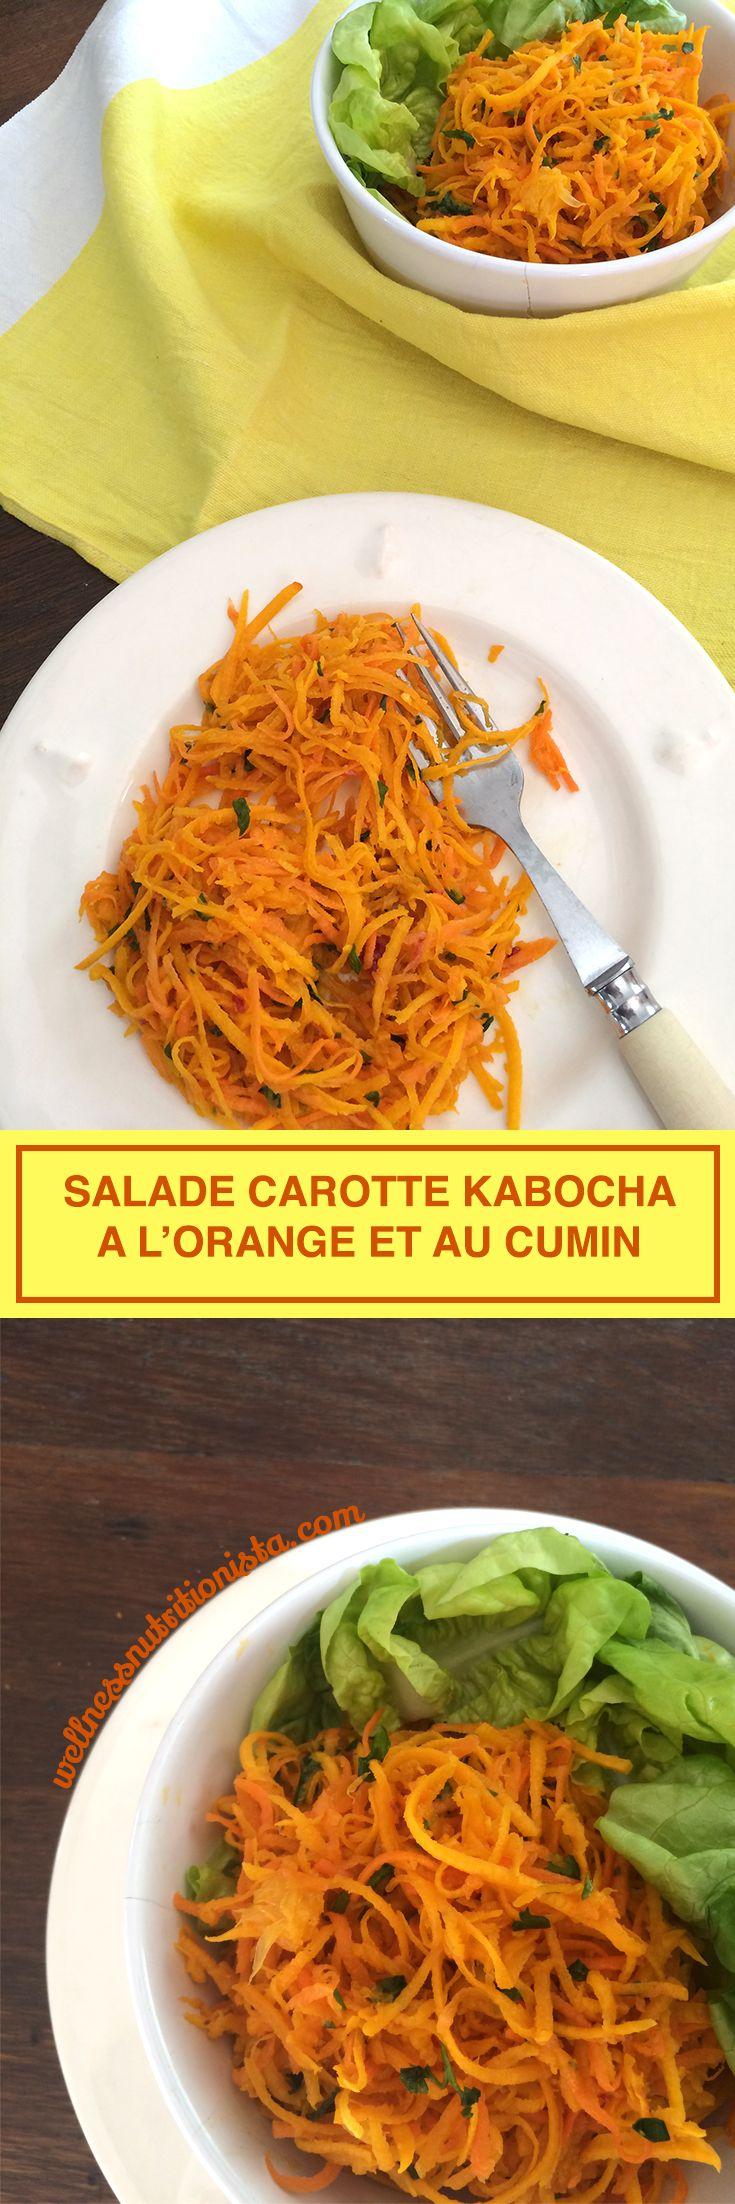 Recette de salade de carottes râpées et courge kabocha (potiron, citrouille, butternut) à l'orange et au cumin #wellnessnutritionista #food #recipe #entrée #salade